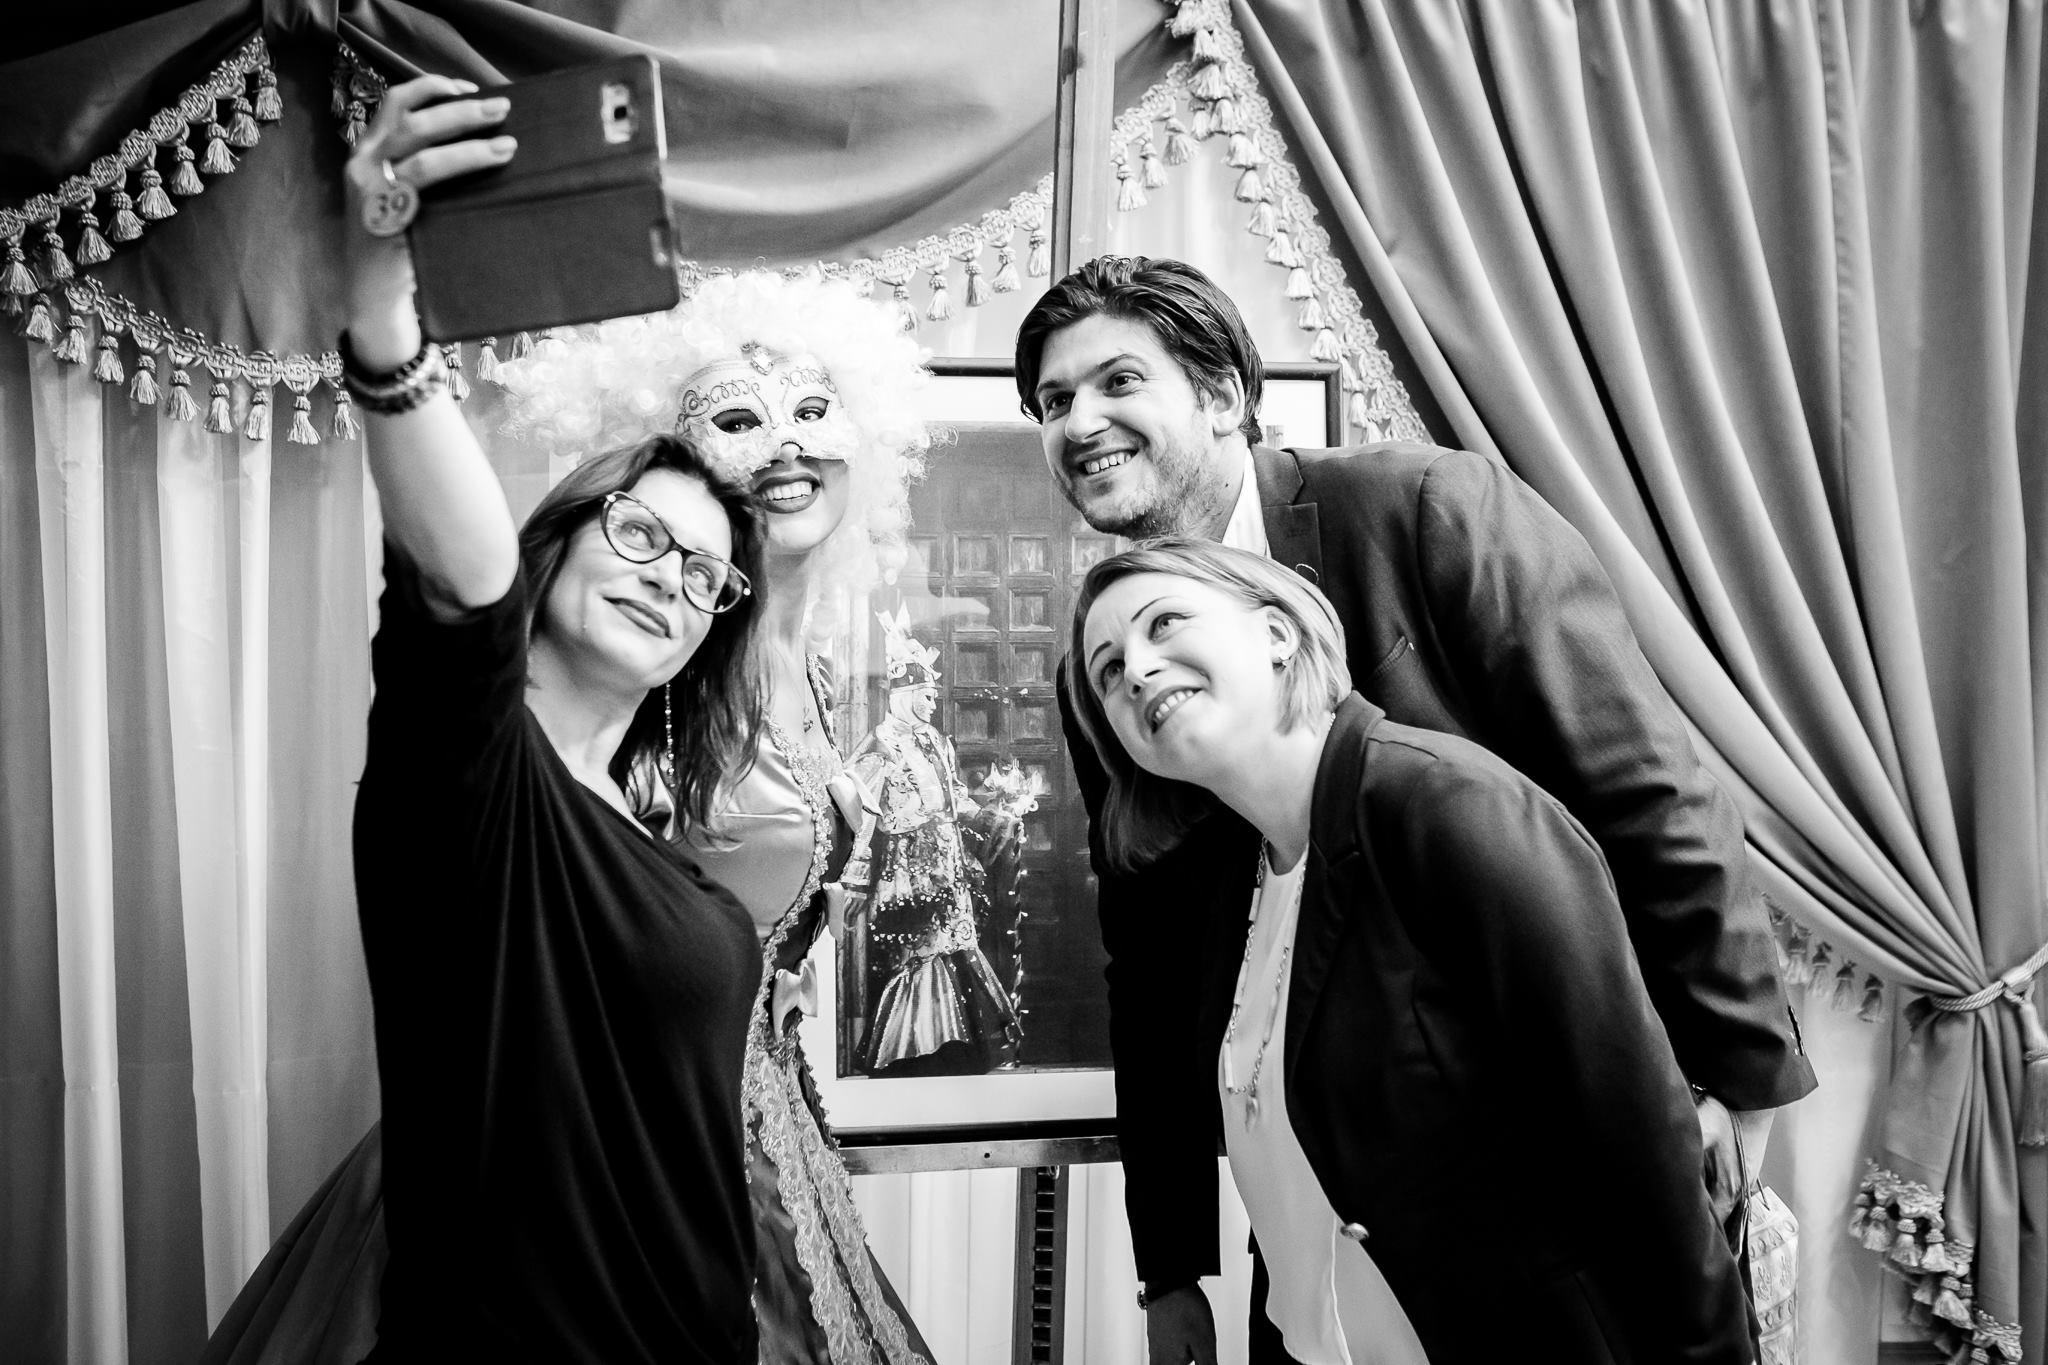 Vernisaj Expozitie de Fotografie Povesti Venetiene Paul Padurariu fotograf profesionist Iasi selfie